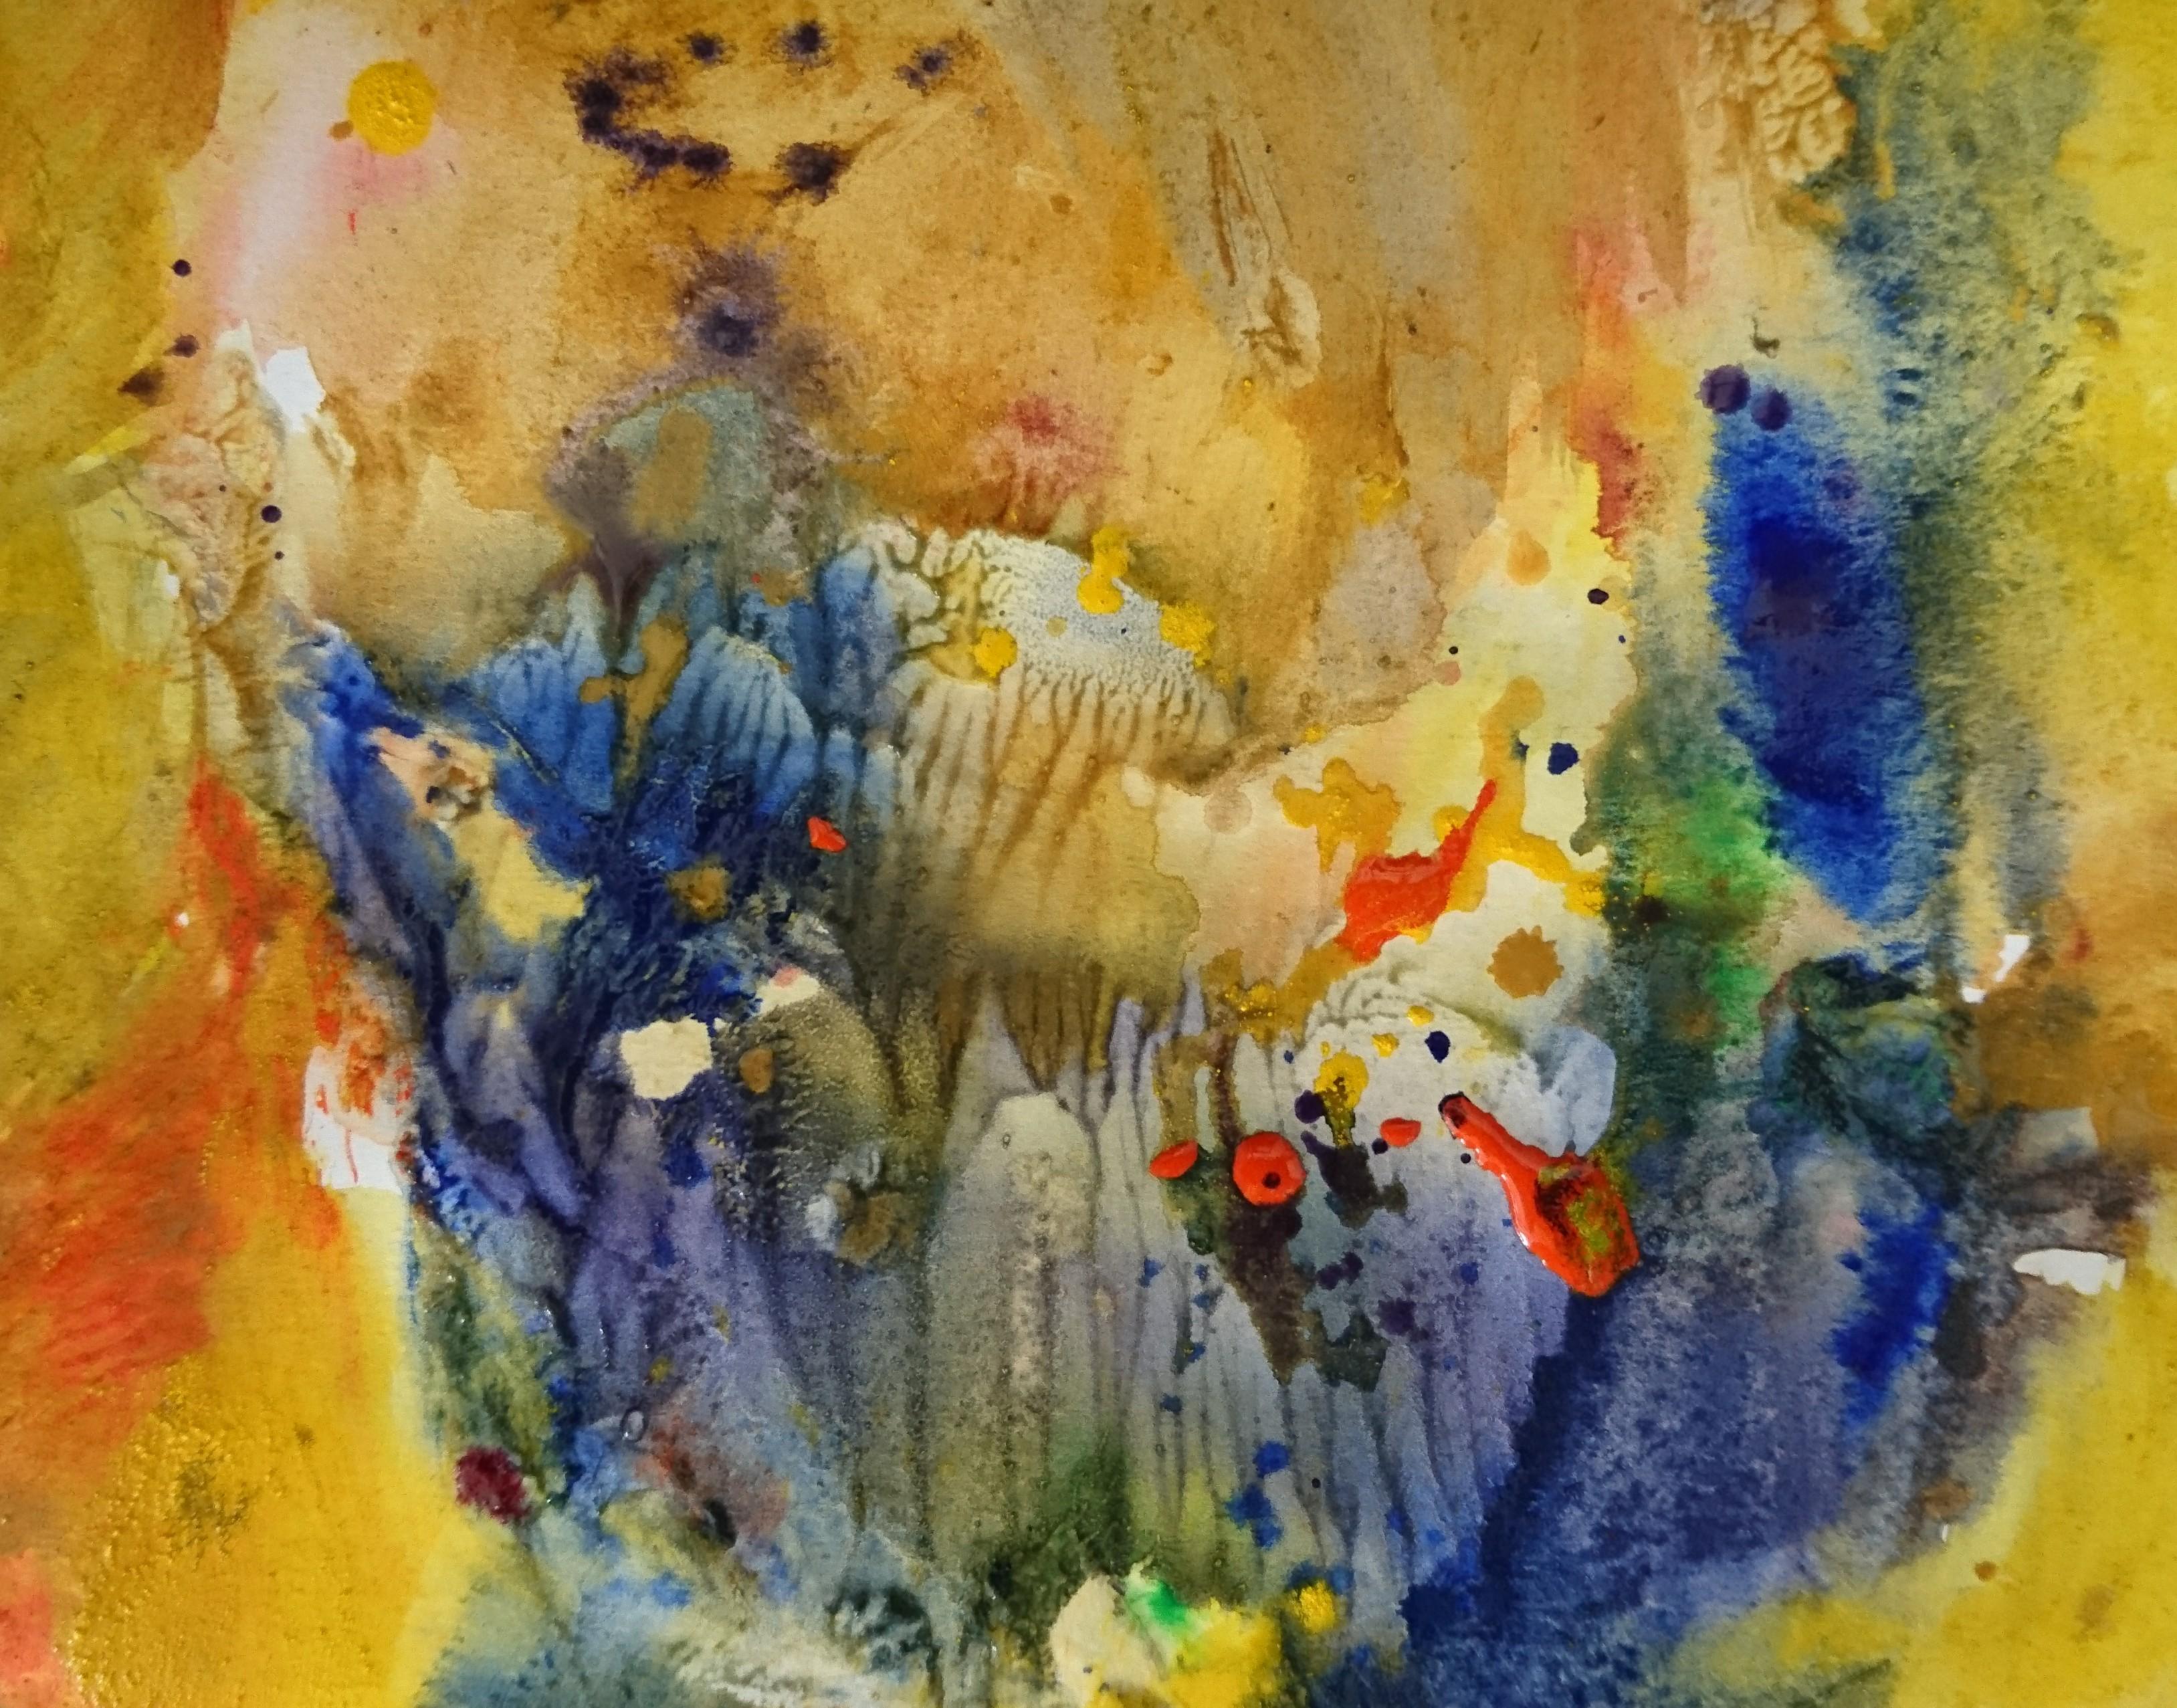 Grain de moutarde, tempera/paper, 24x18cm, 2017, private collection, Yu Zhao